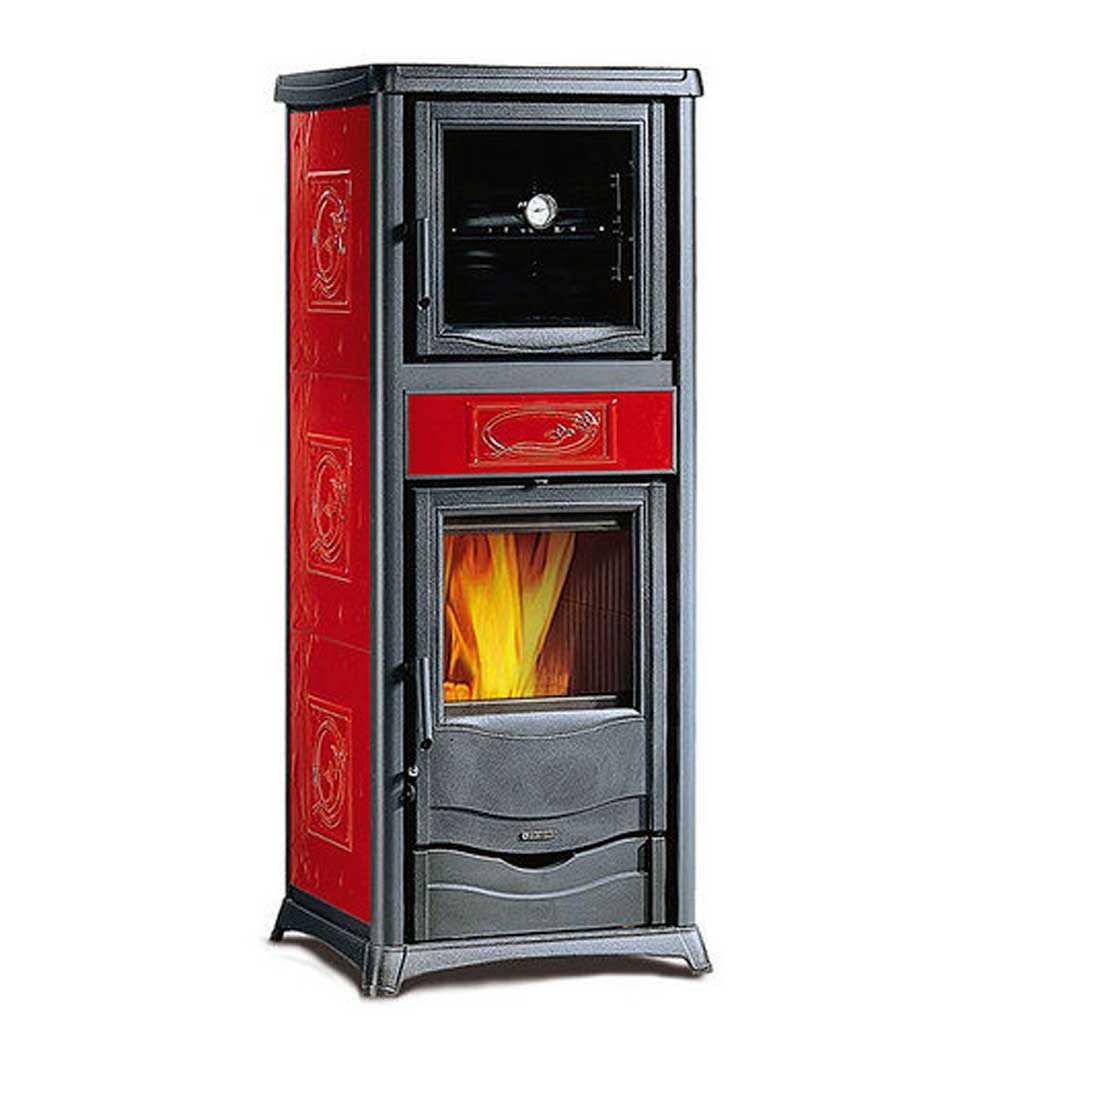 Stufa a legna  bordeaux Nordica Rossella Plus Forno Evo potenza termica 9,1 kW